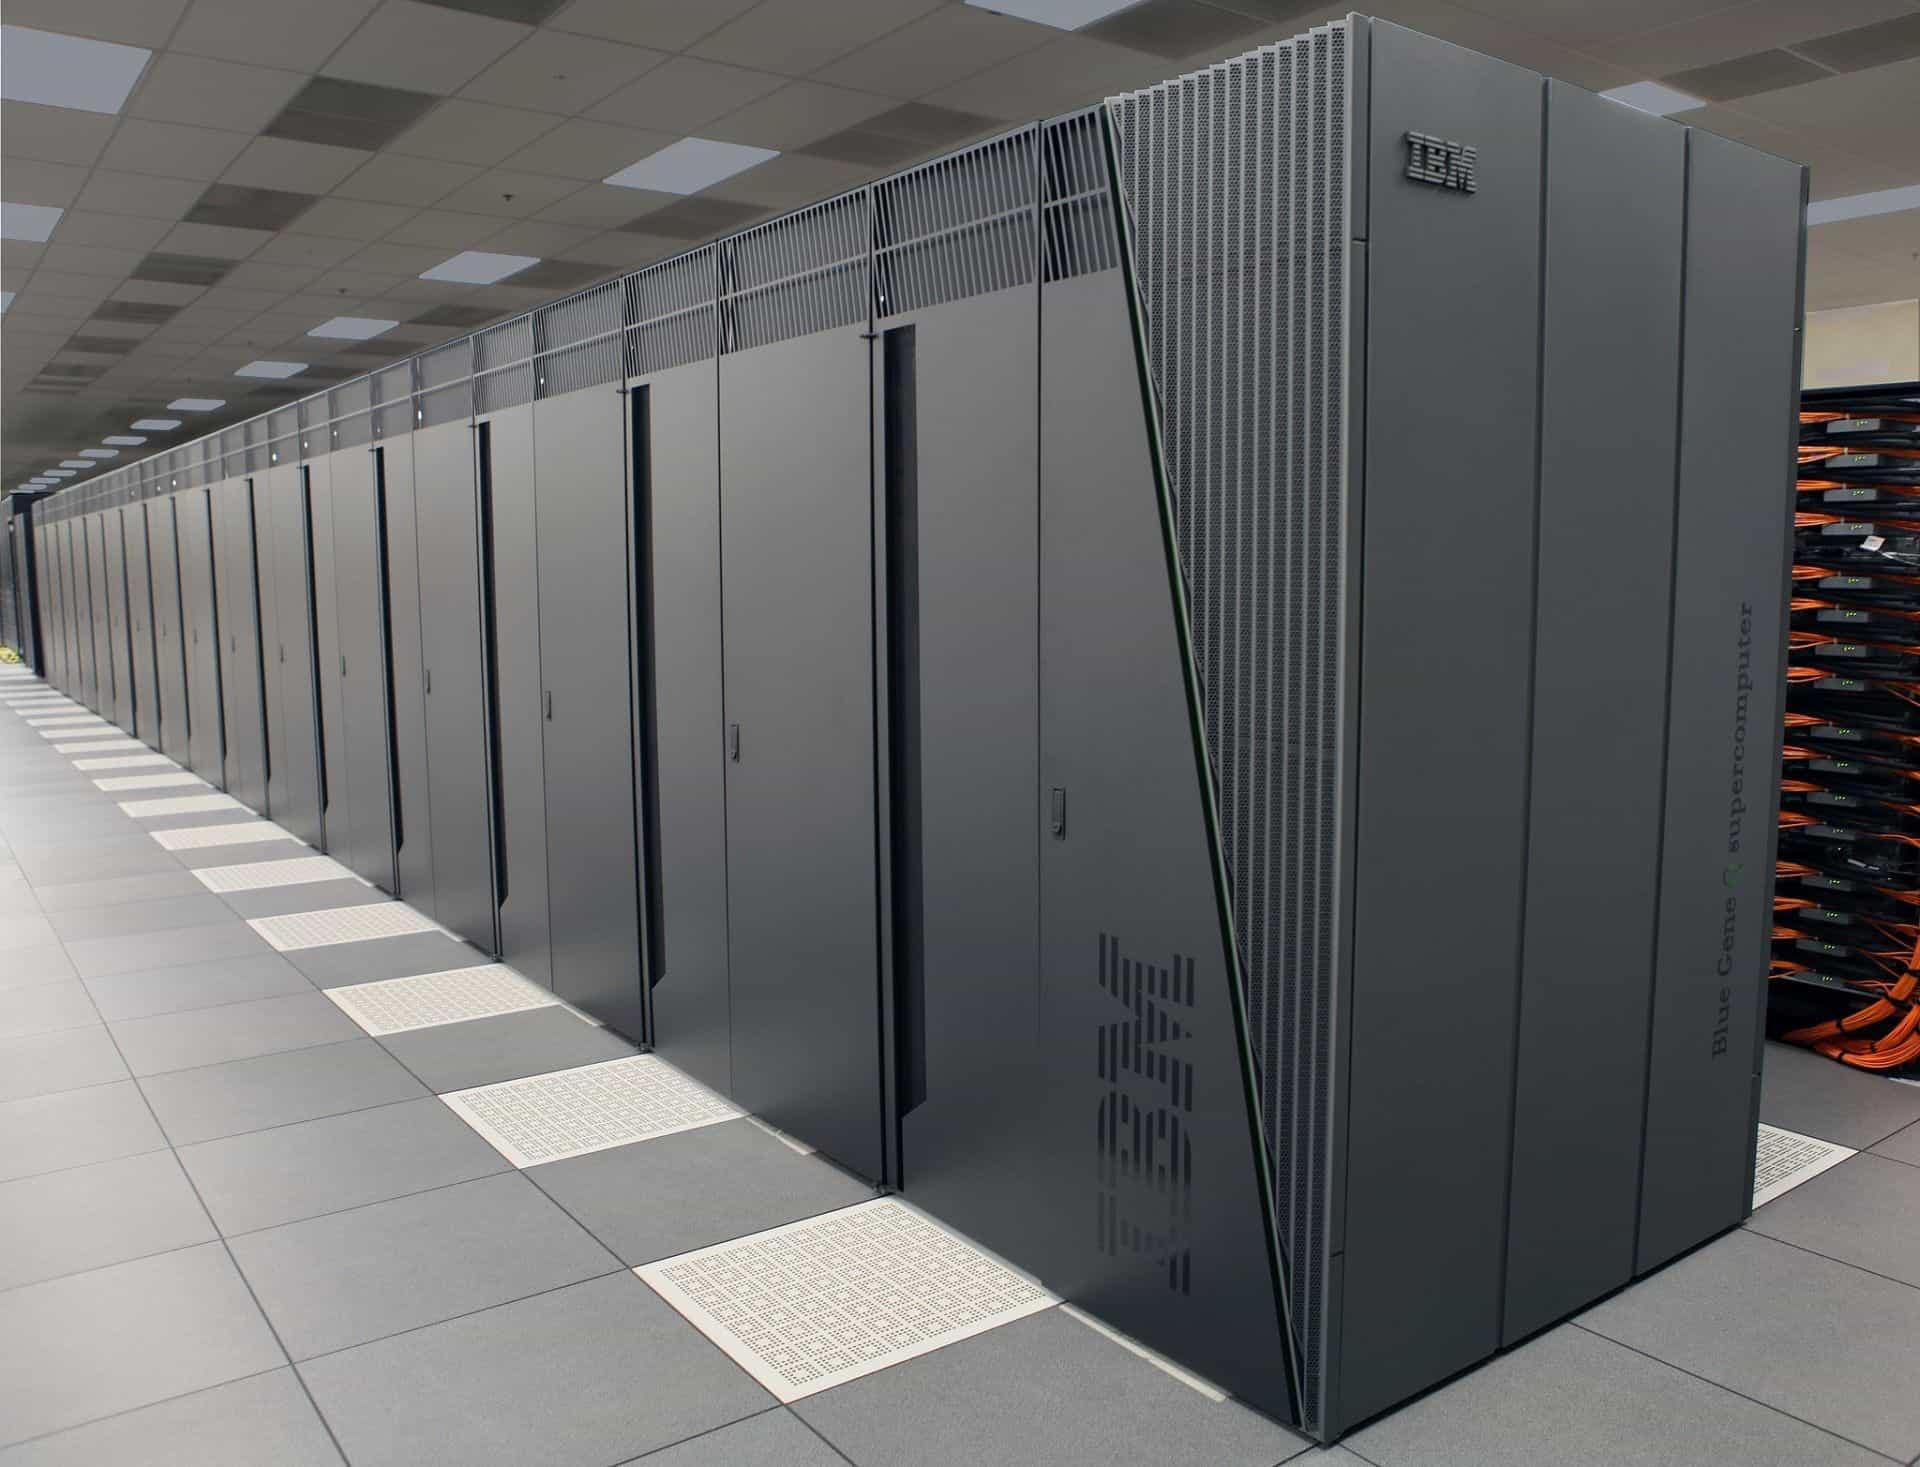 Apple data center in Denmark, heat for homes